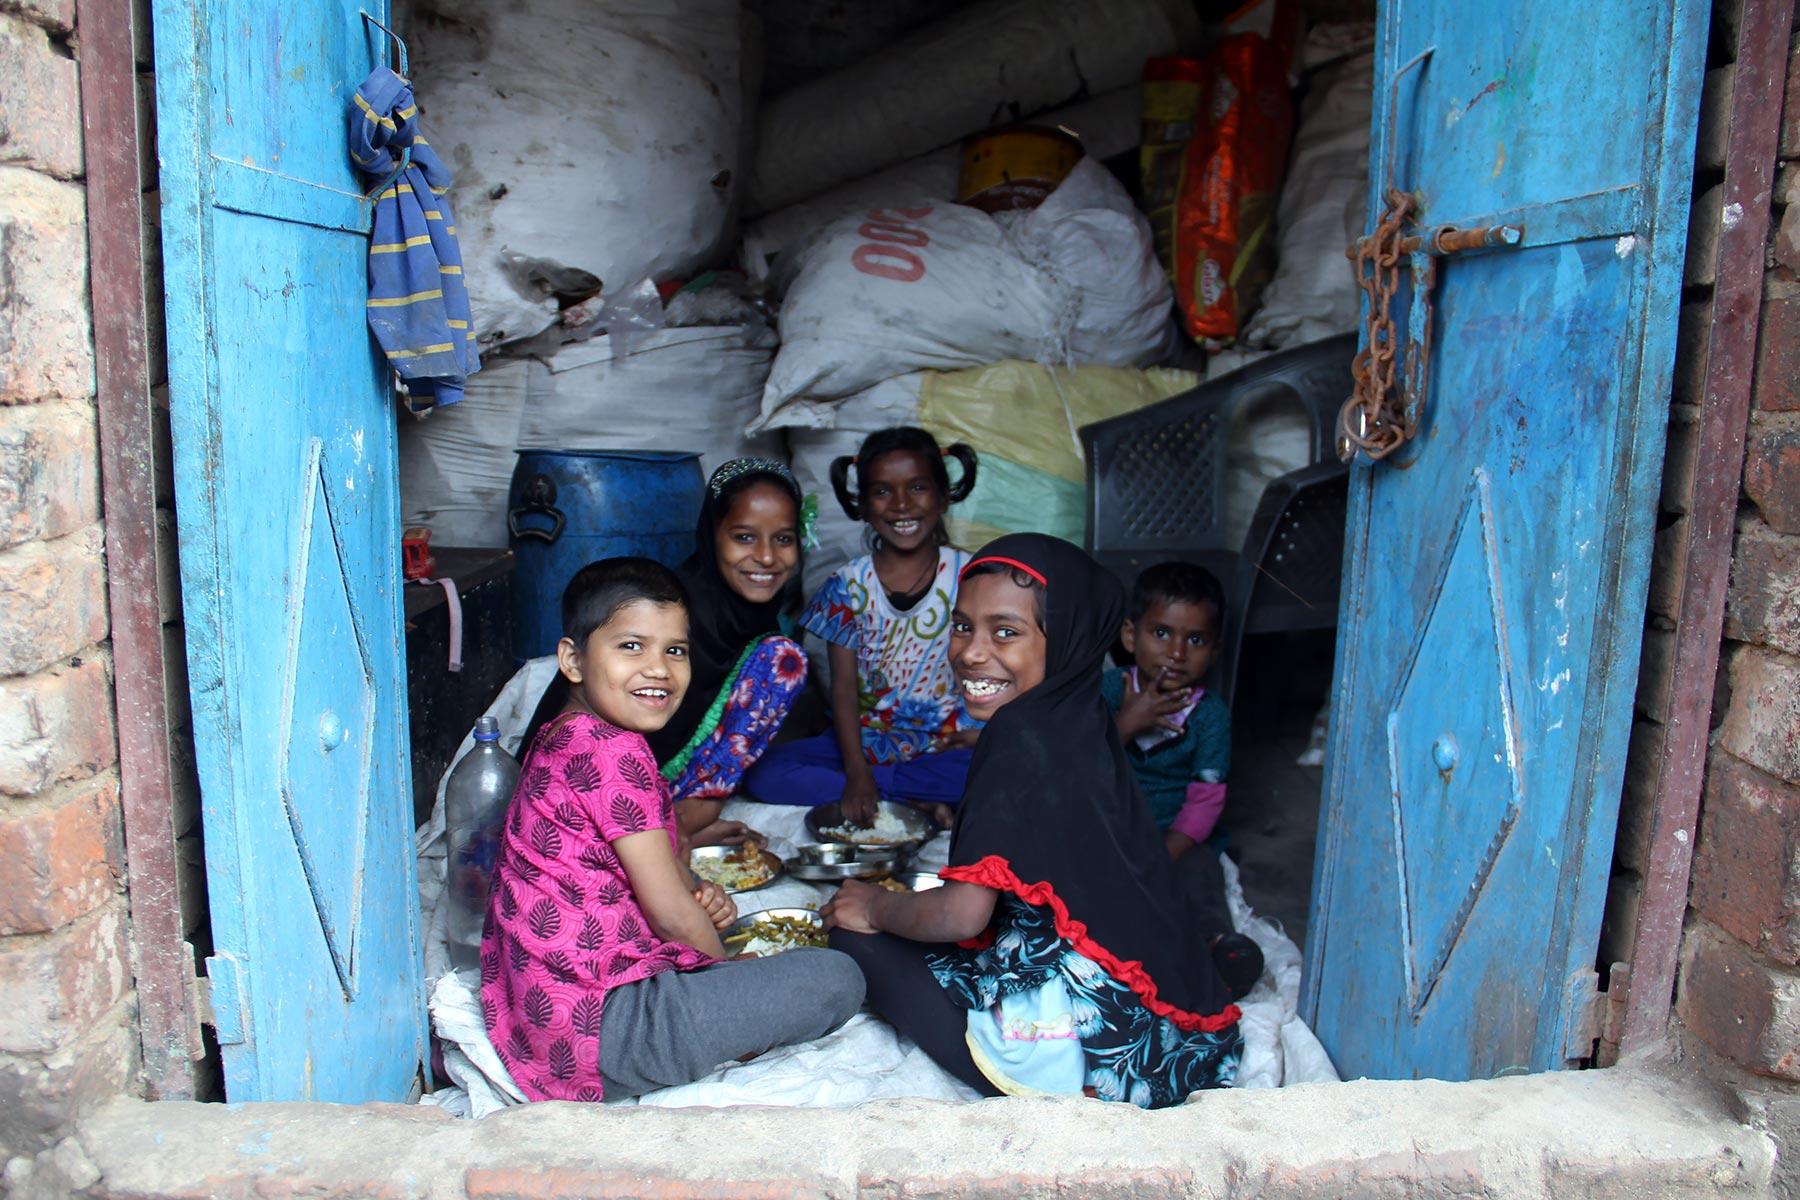 Lasten lounashetki Delhiläisessä slummissa ©Pia Heikkilä